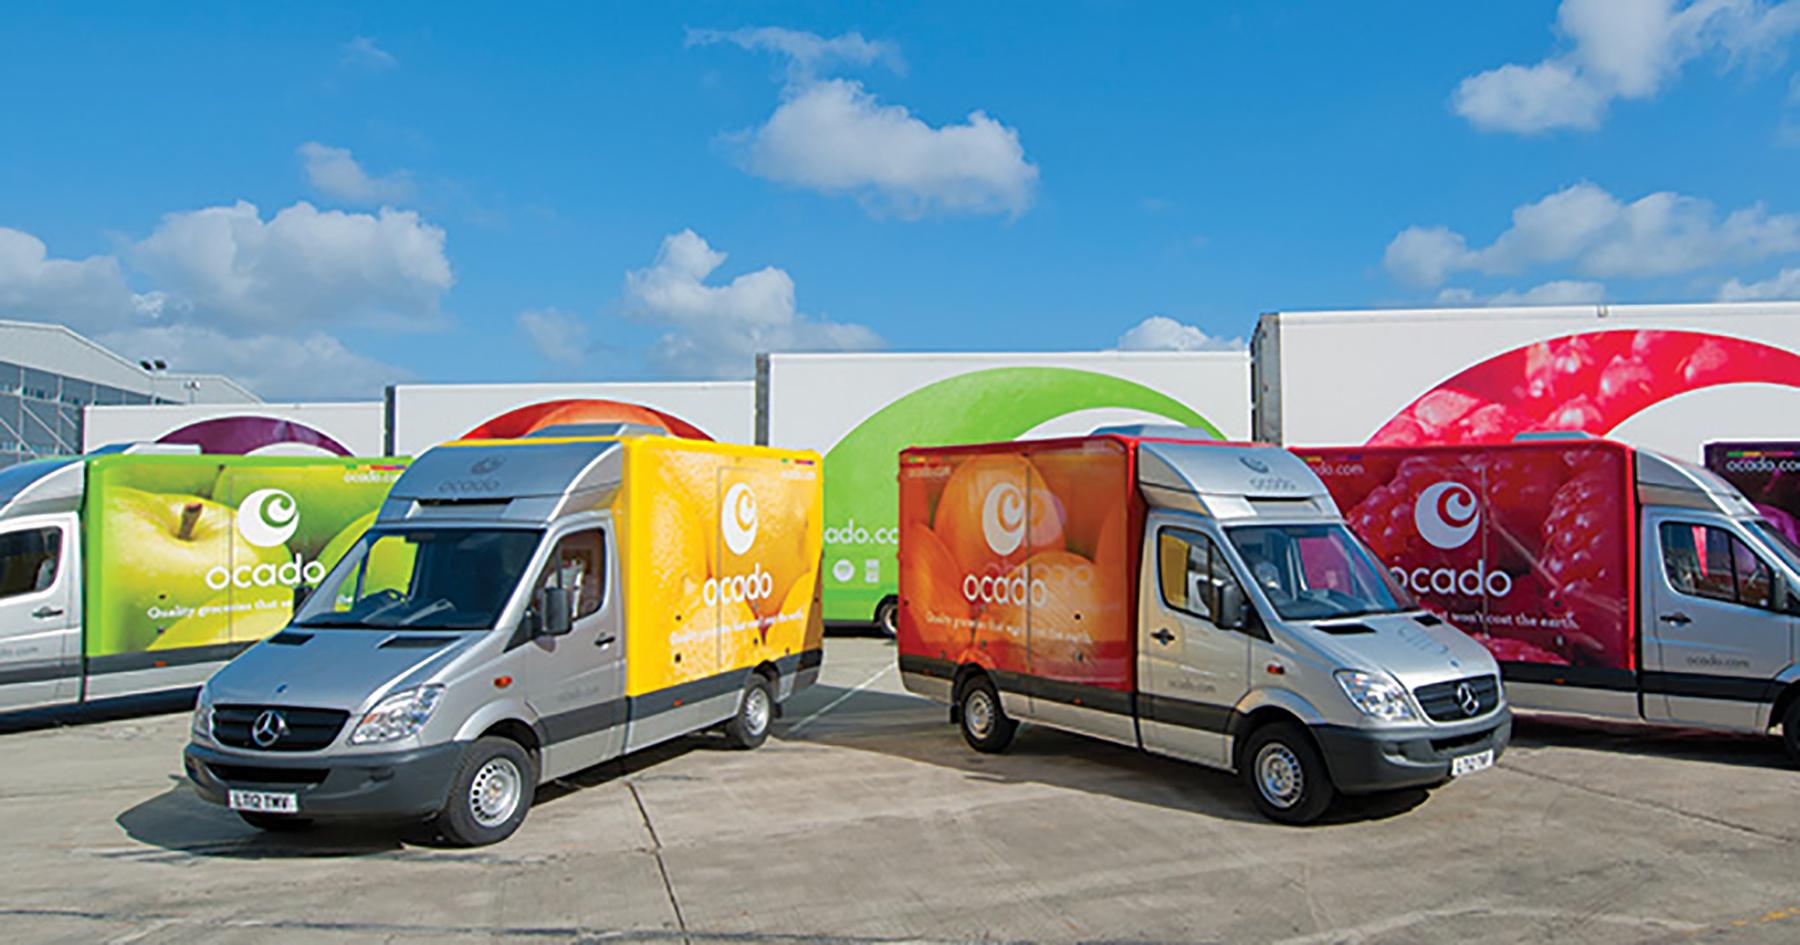 ocado trucks